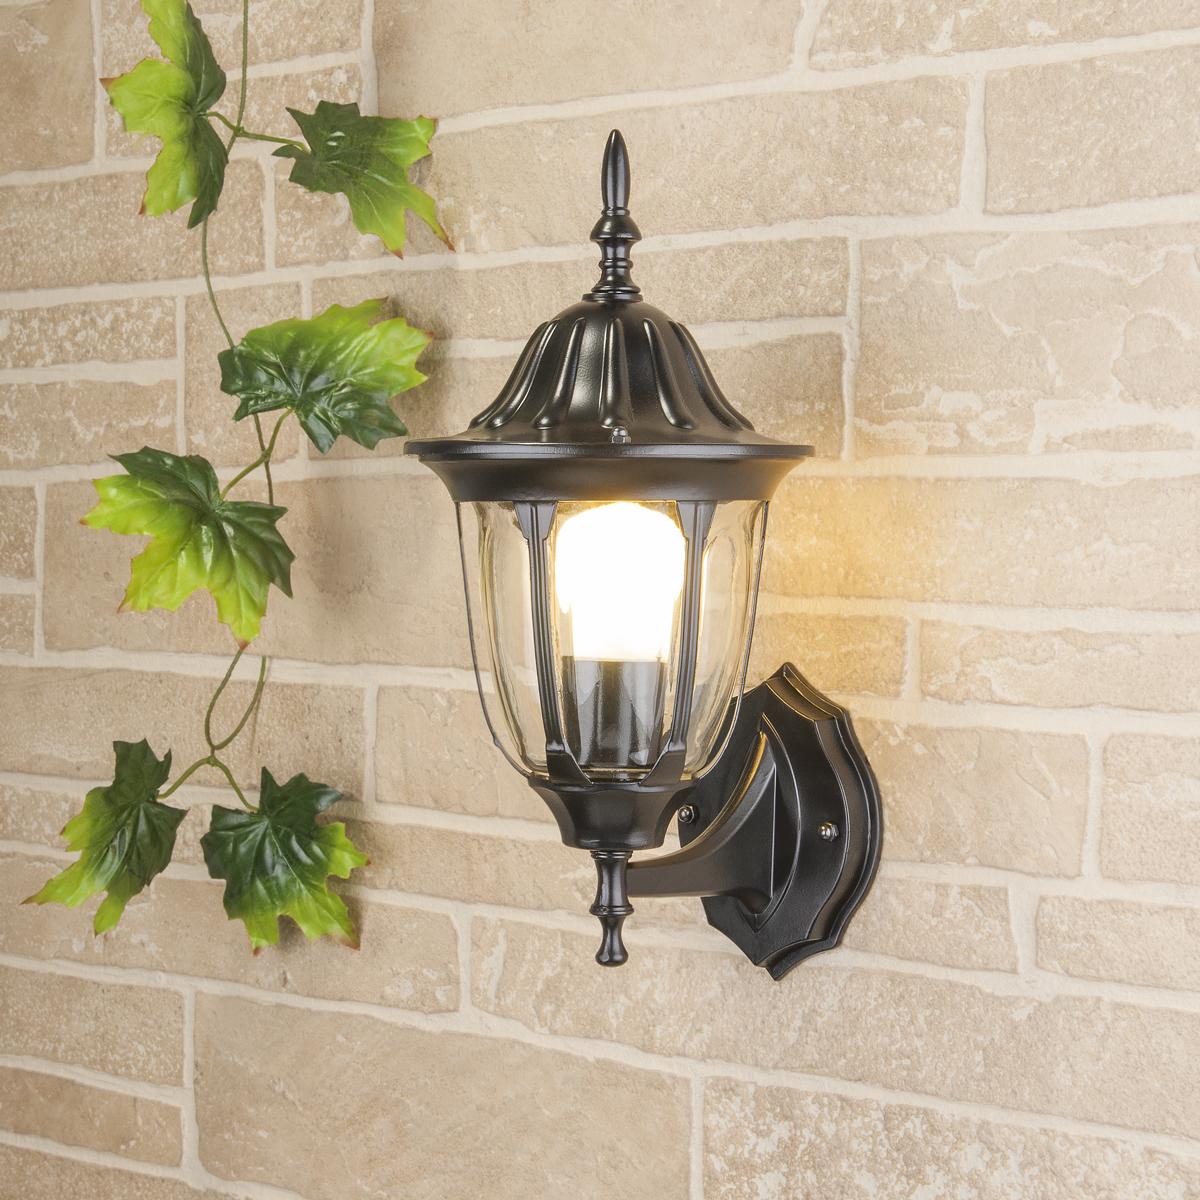 Уличный светильник GL 1002U черный (стена) Е27